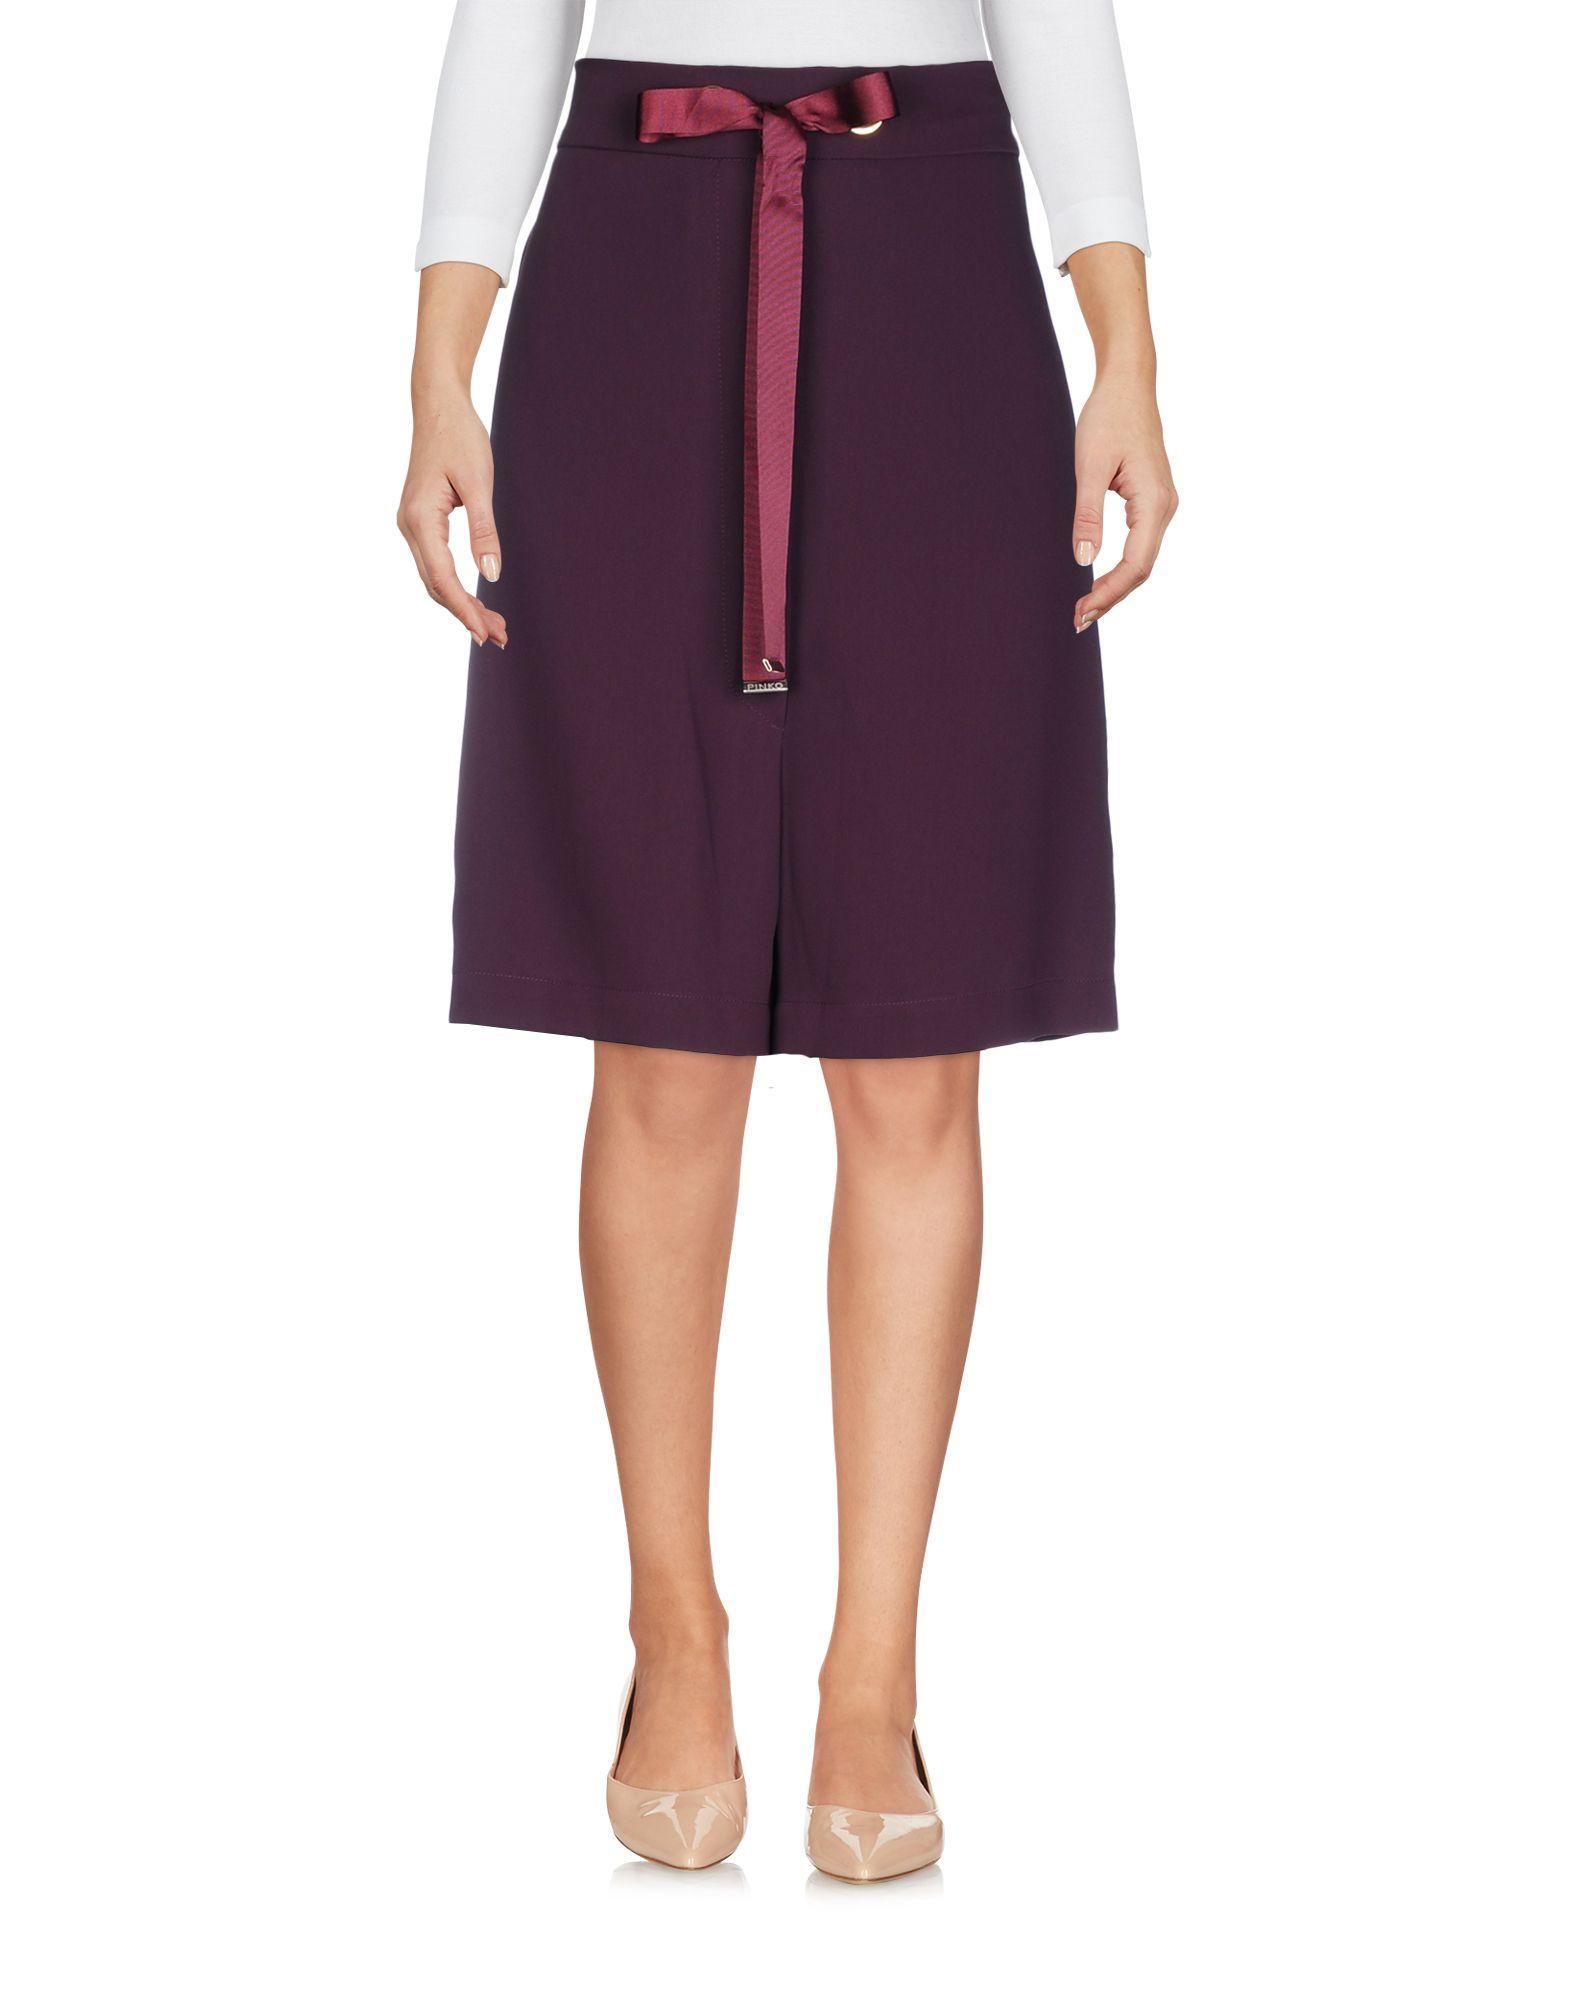 Shorts Pinko Donna - Acquista online su 1pV7hSRX